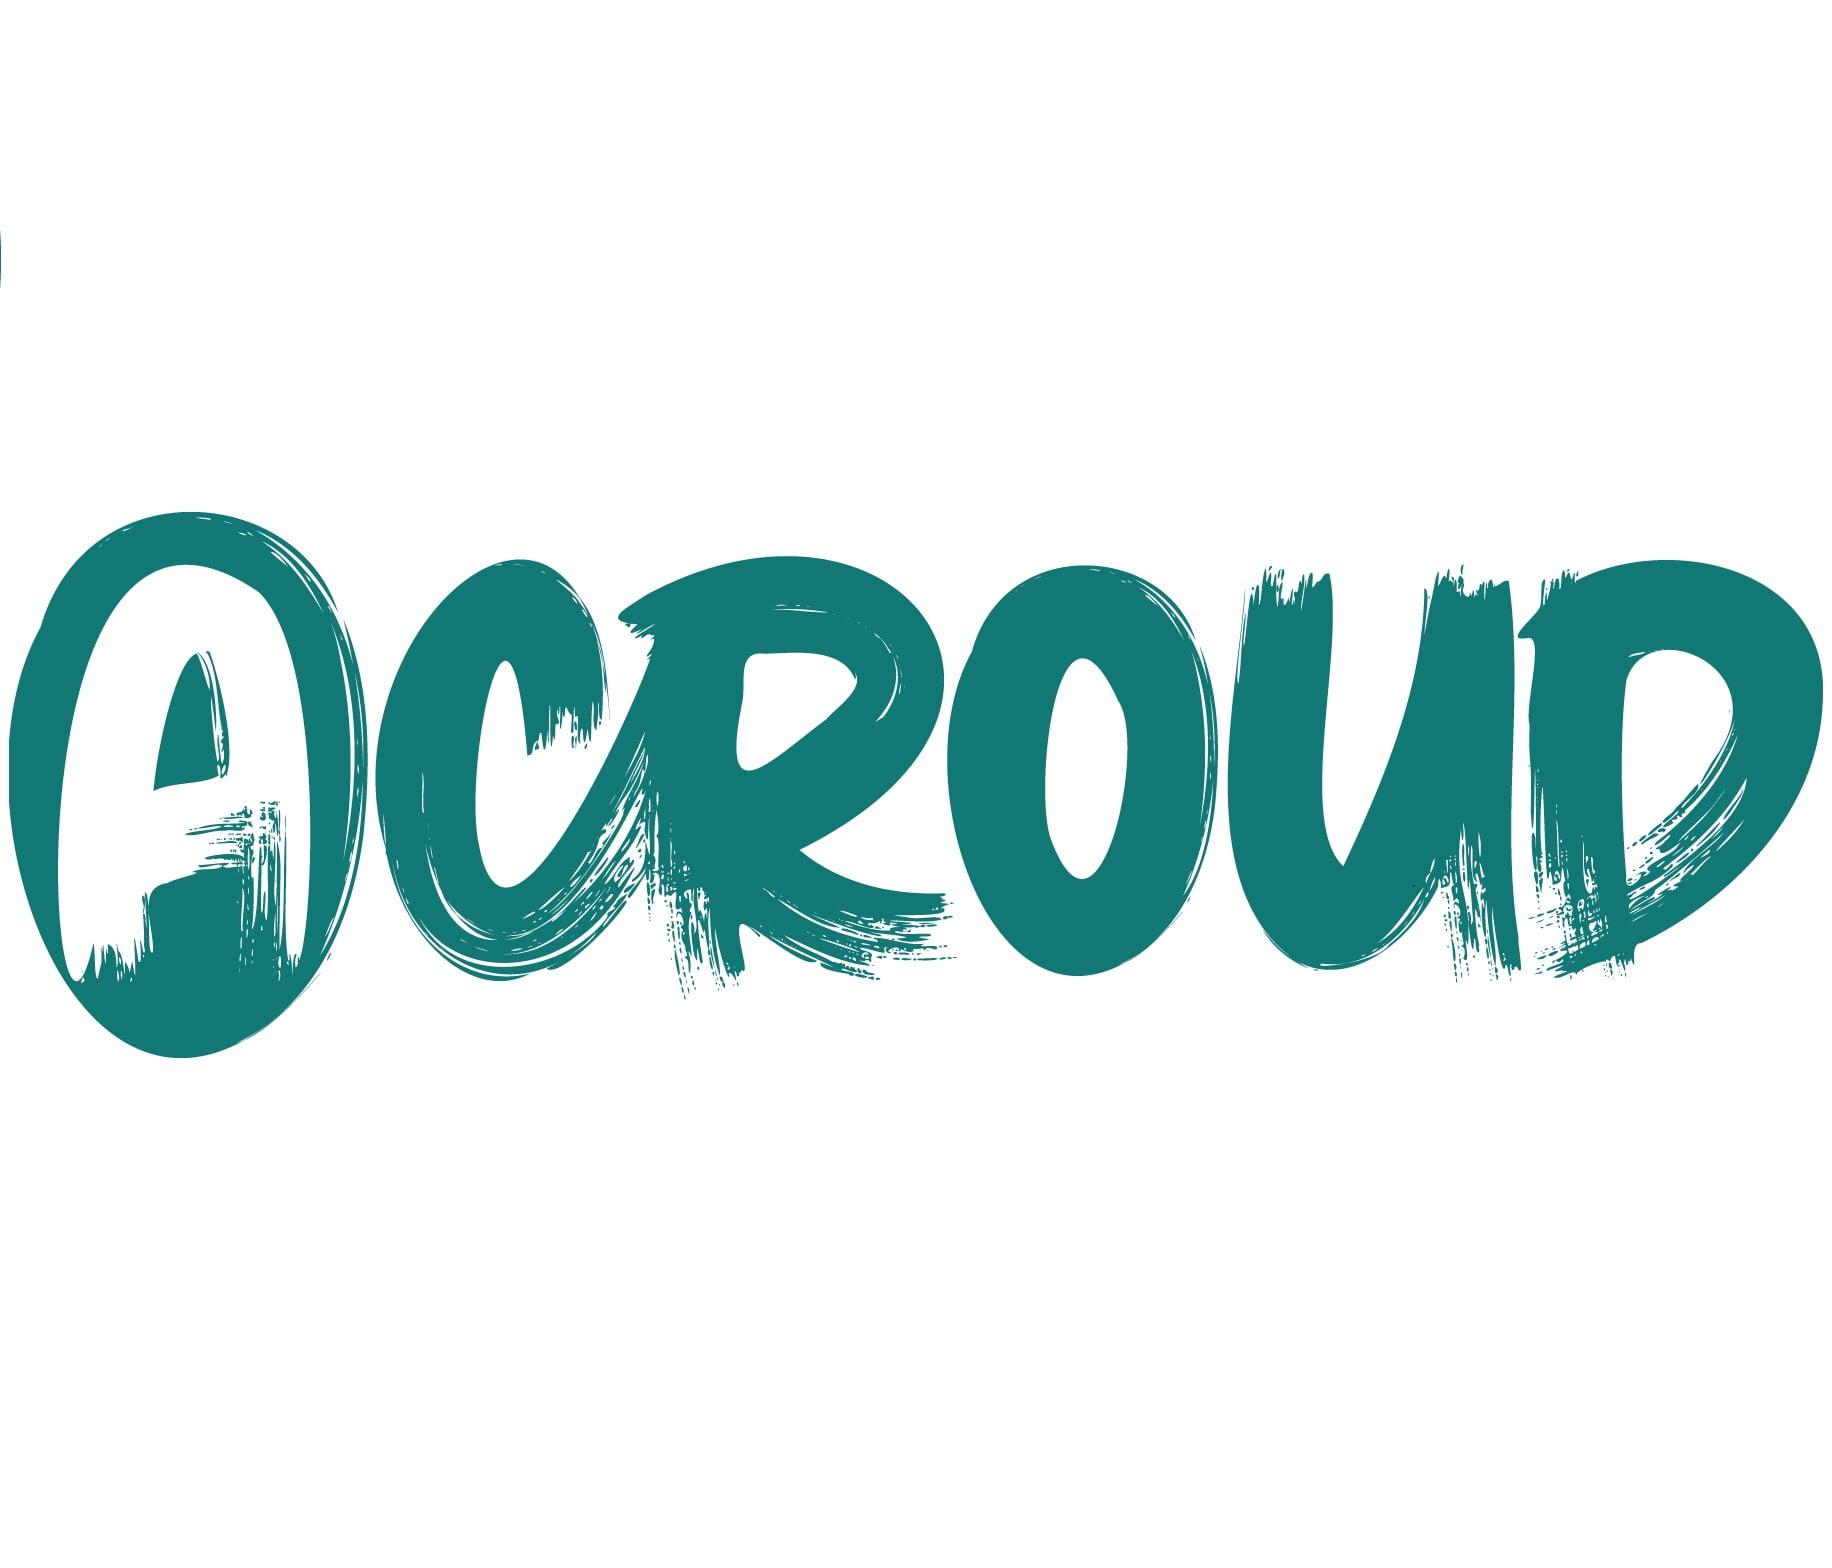 Net Gaming AB Rebrands As Acroud AB